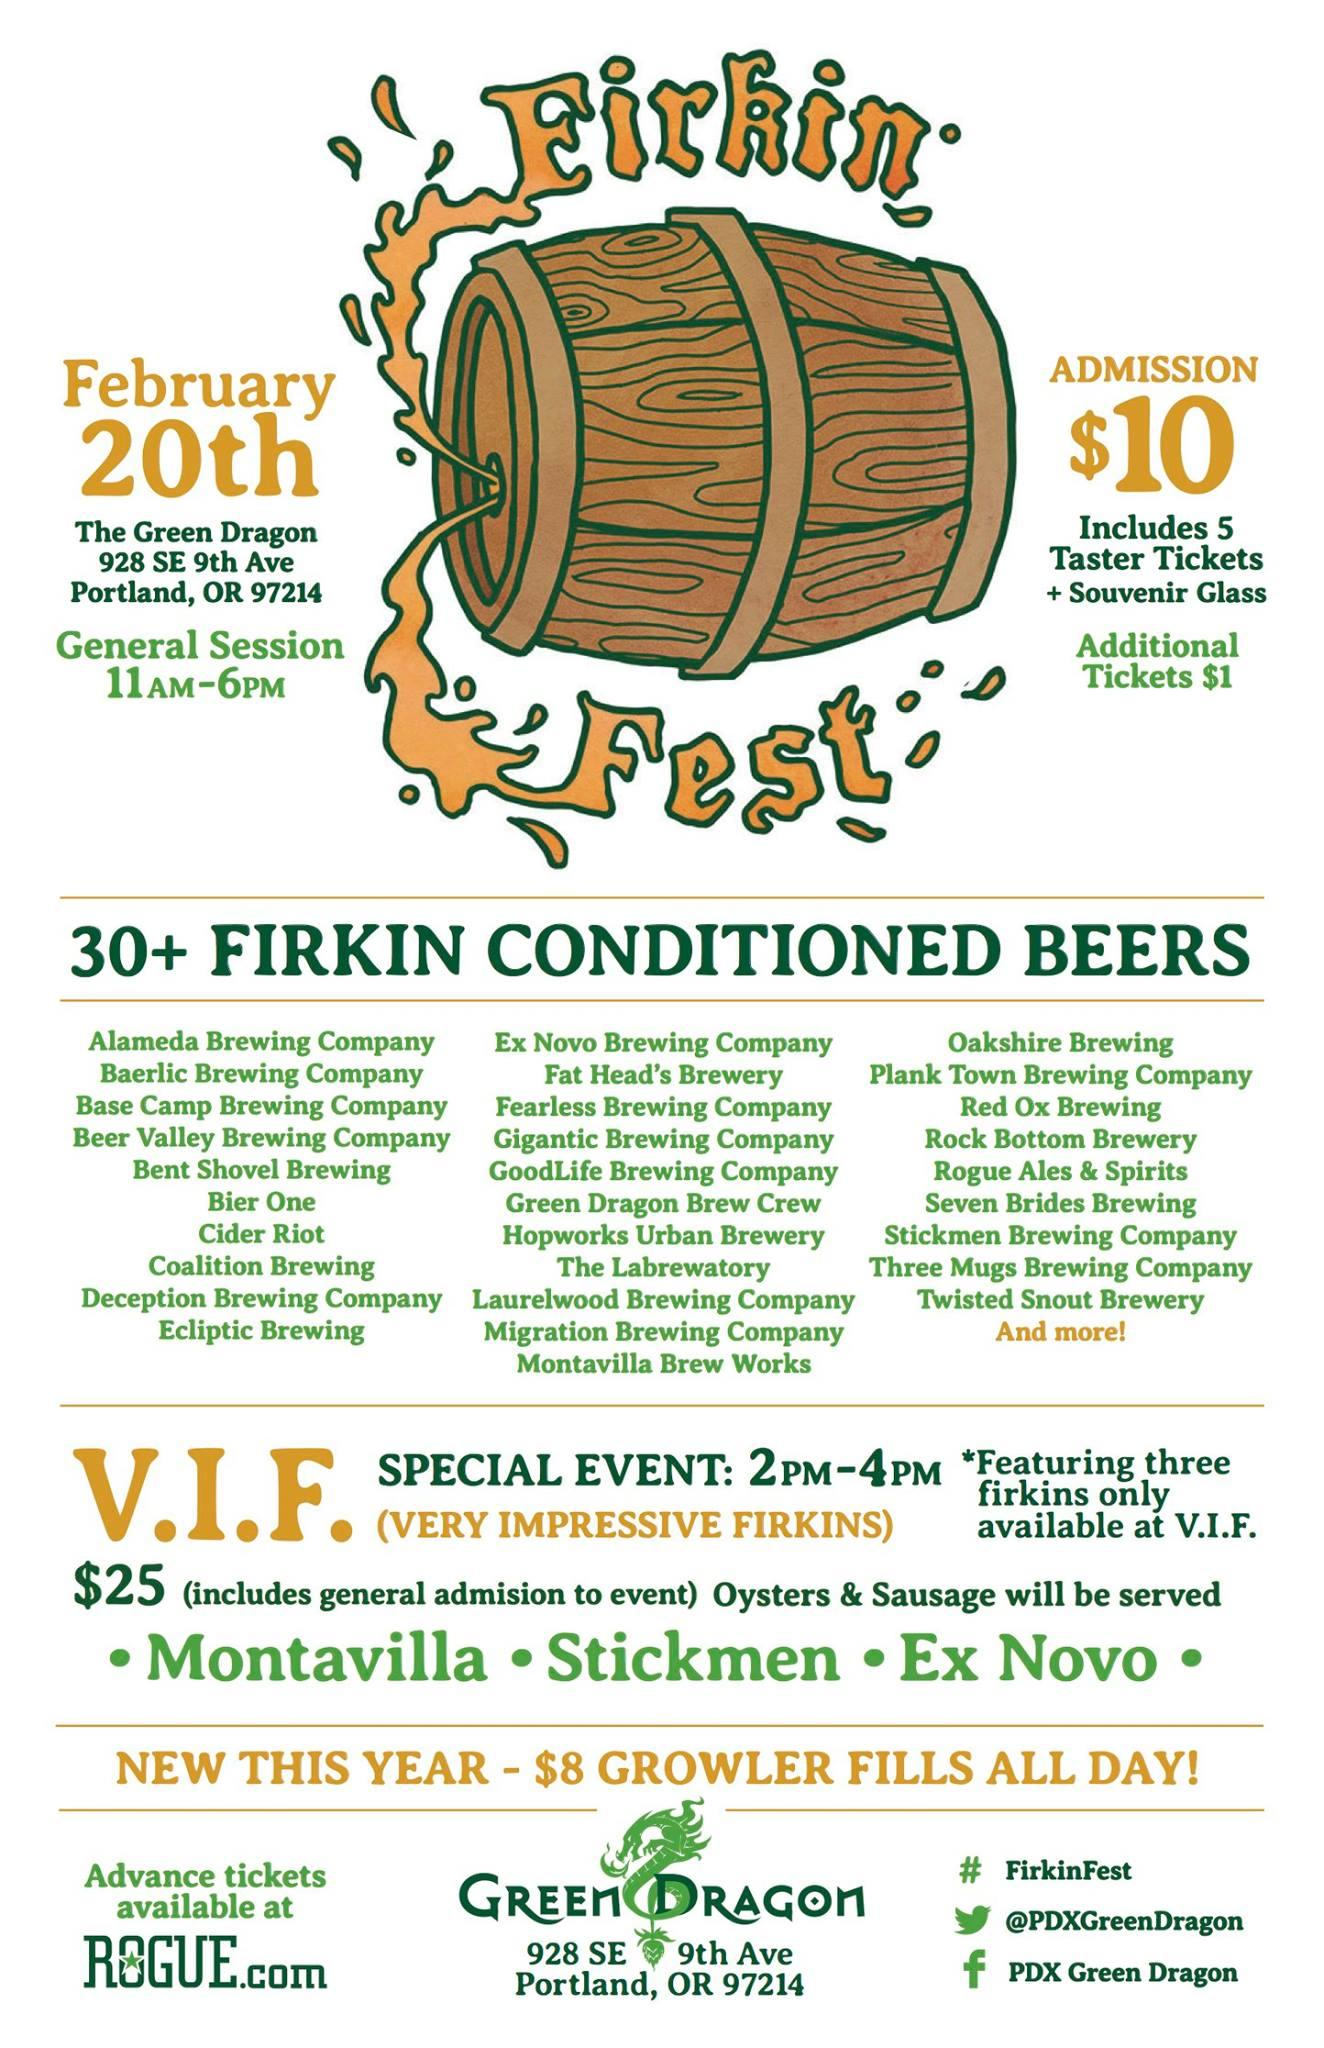 2016 Firkin Fest